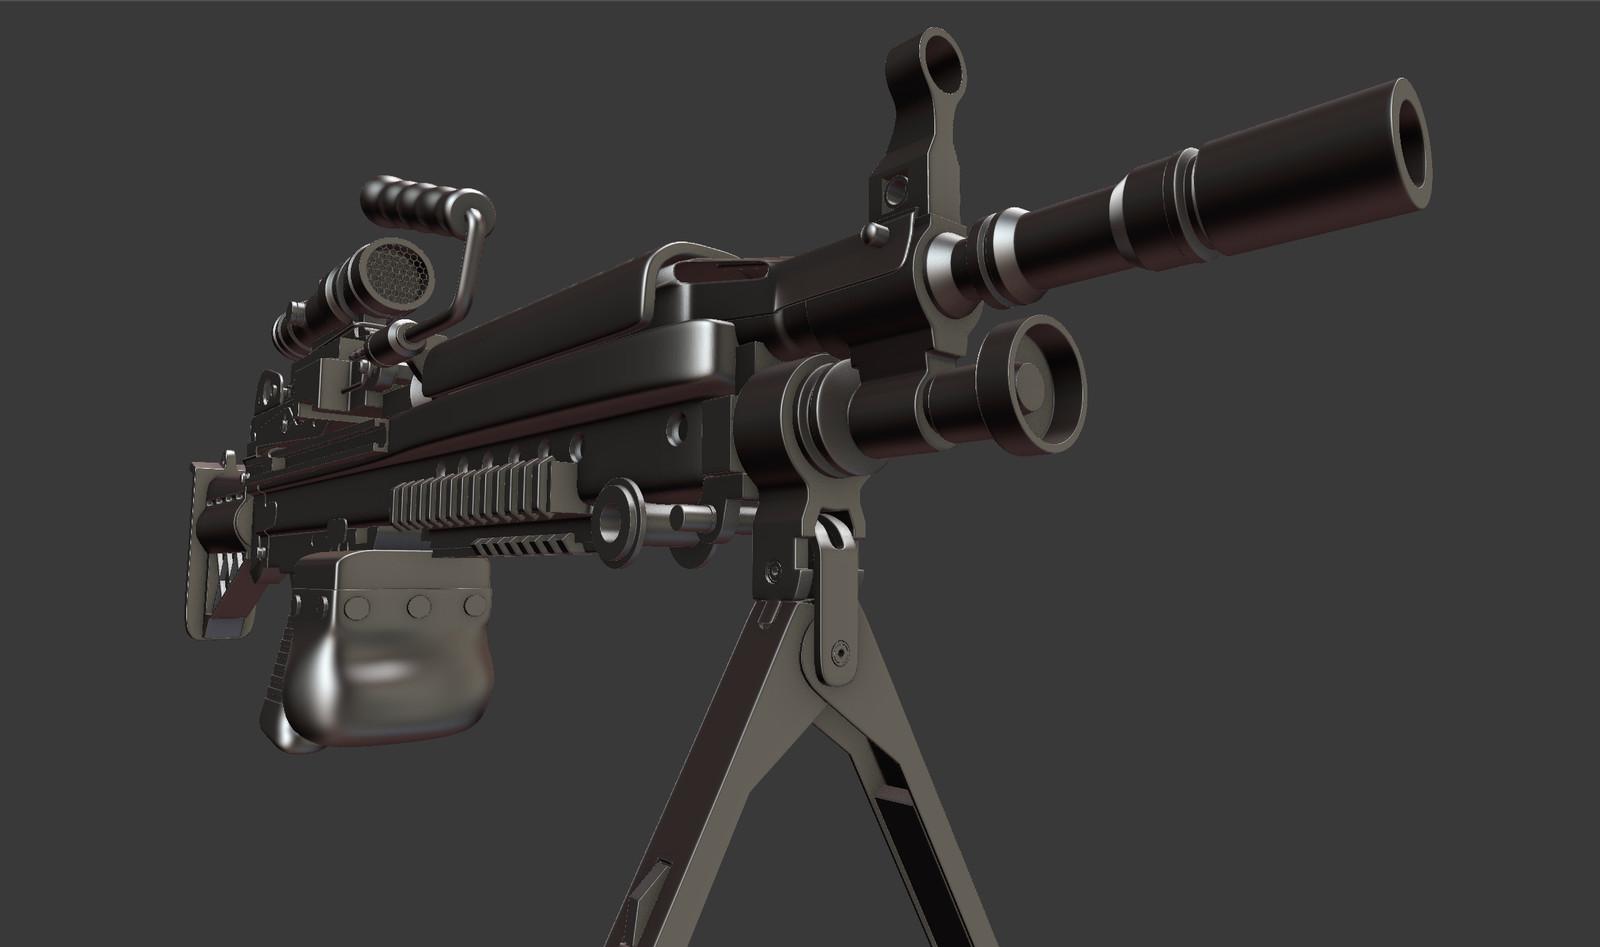 M-249 SAW